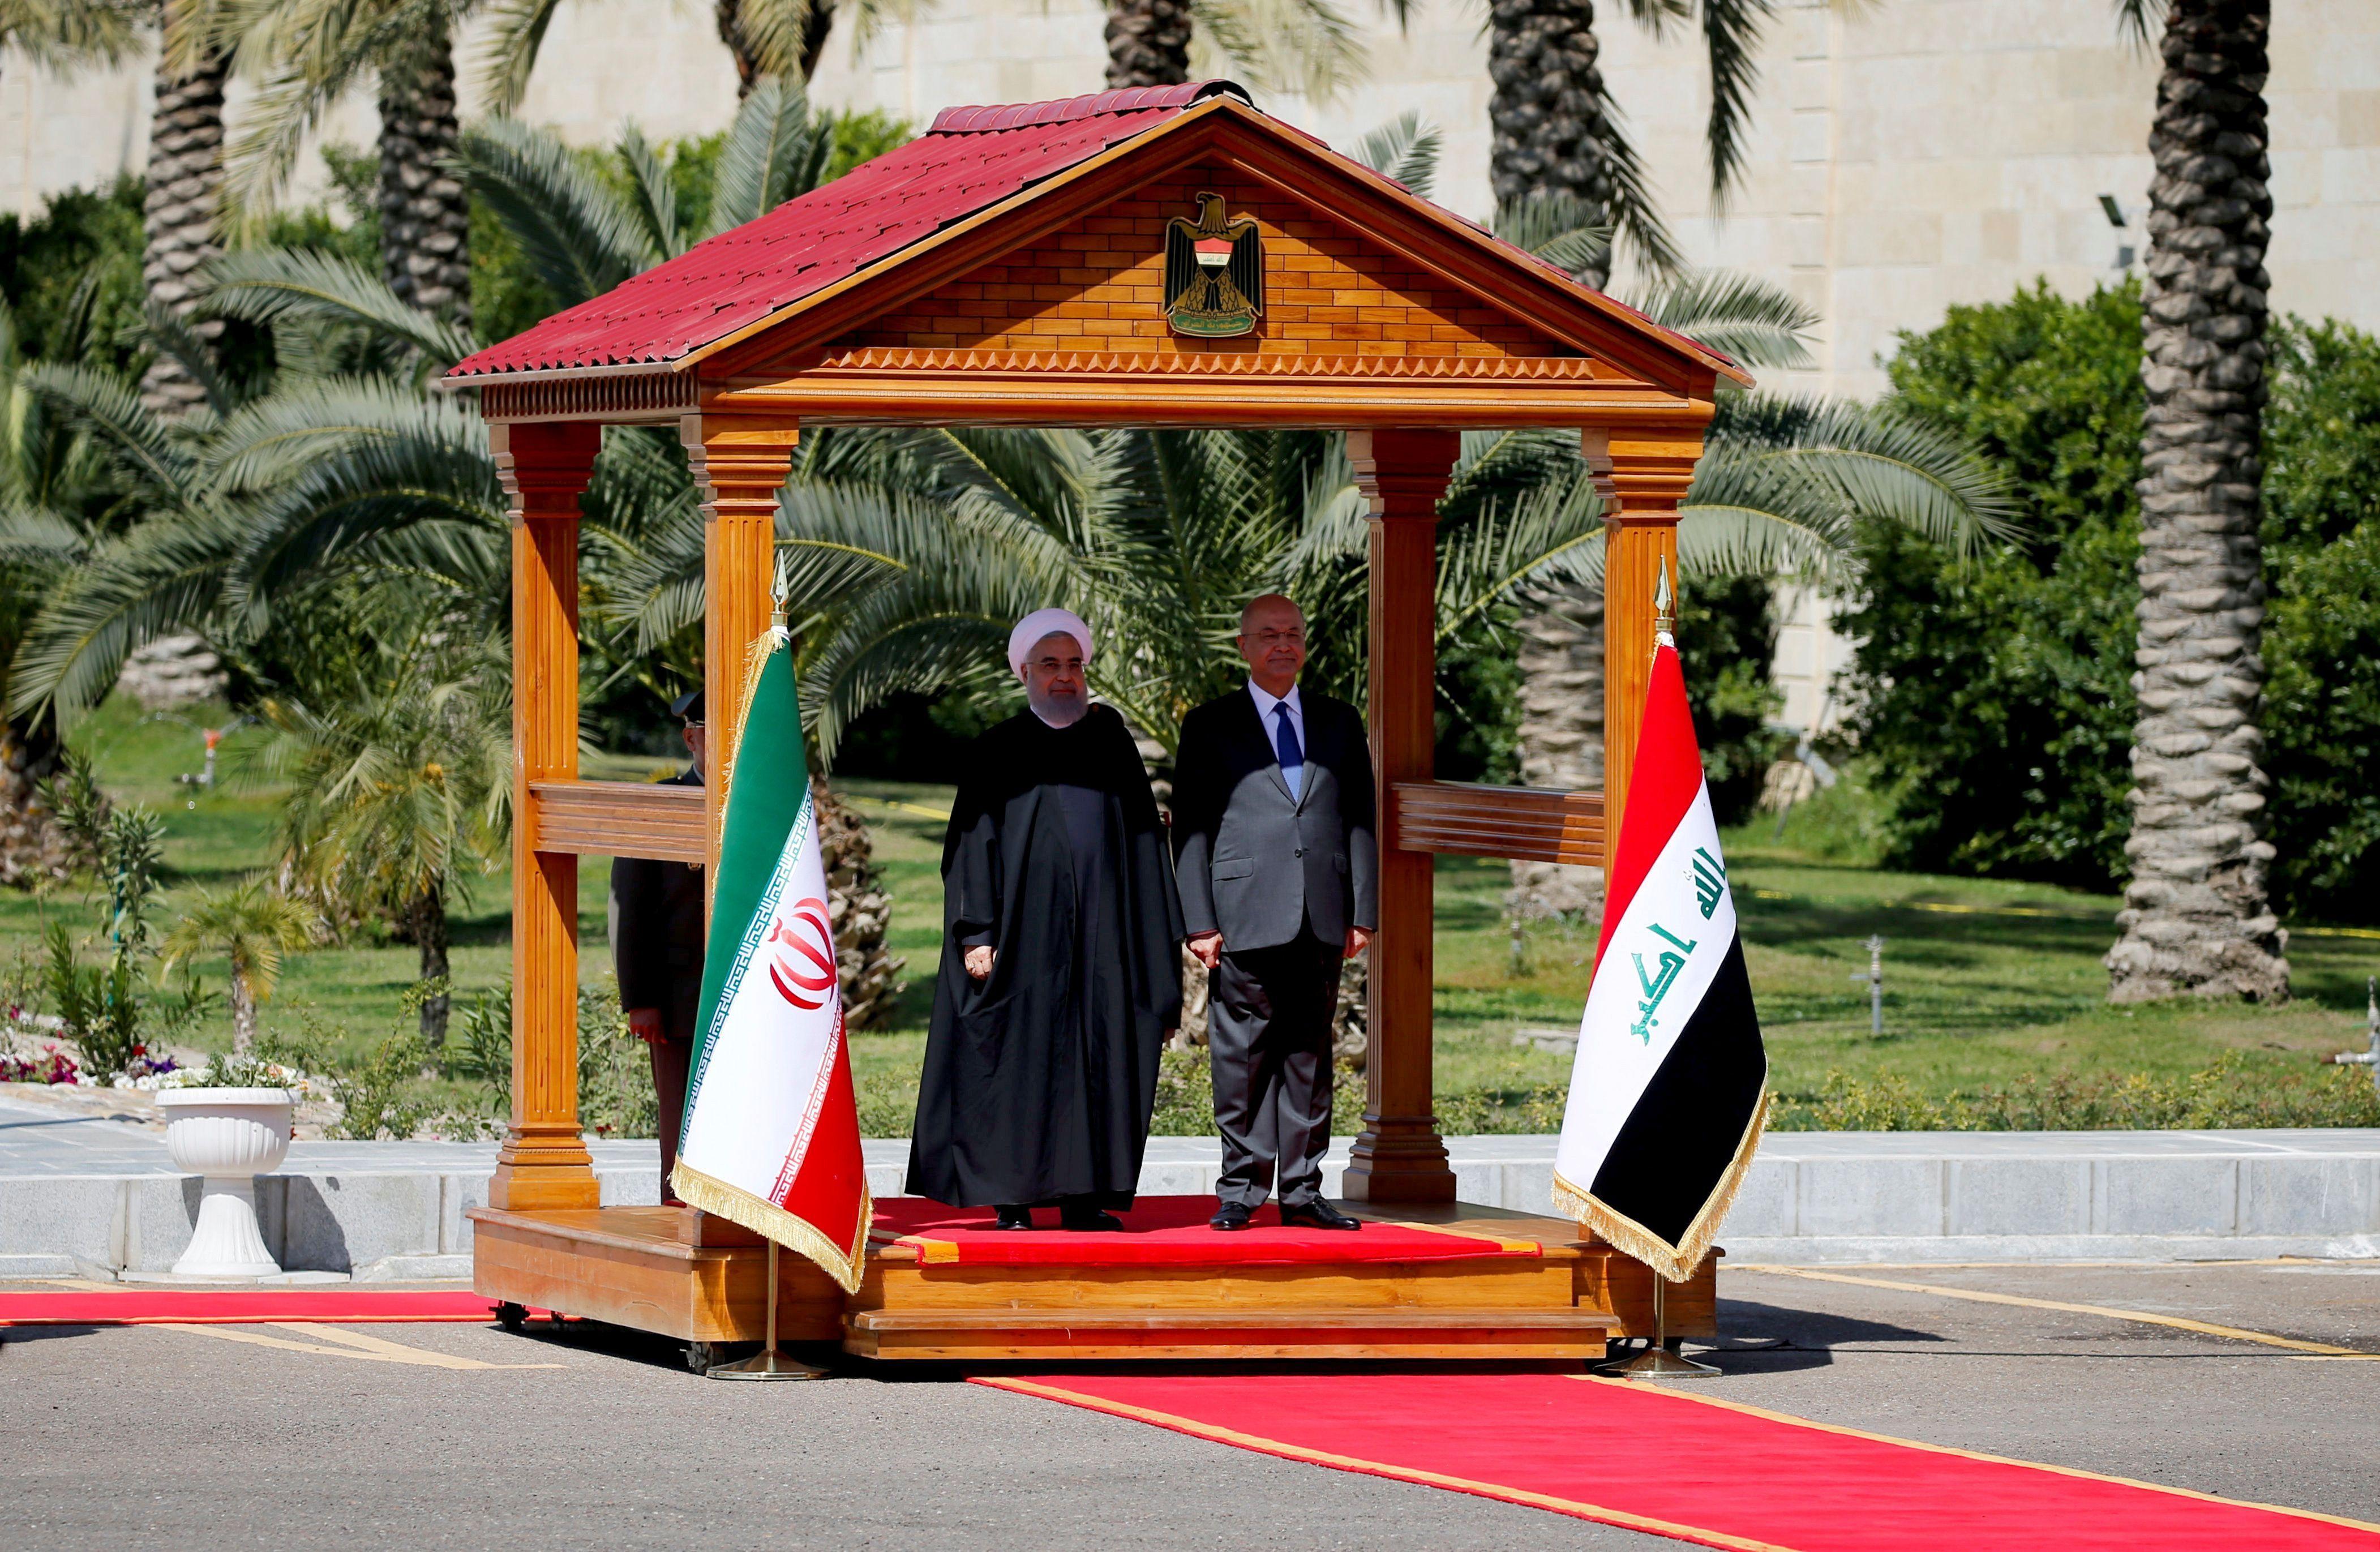 2019-03-11T092957Z_642737950_RC1806085240_RTRMADP_3_IRAQ-IRAN-ROUHANI